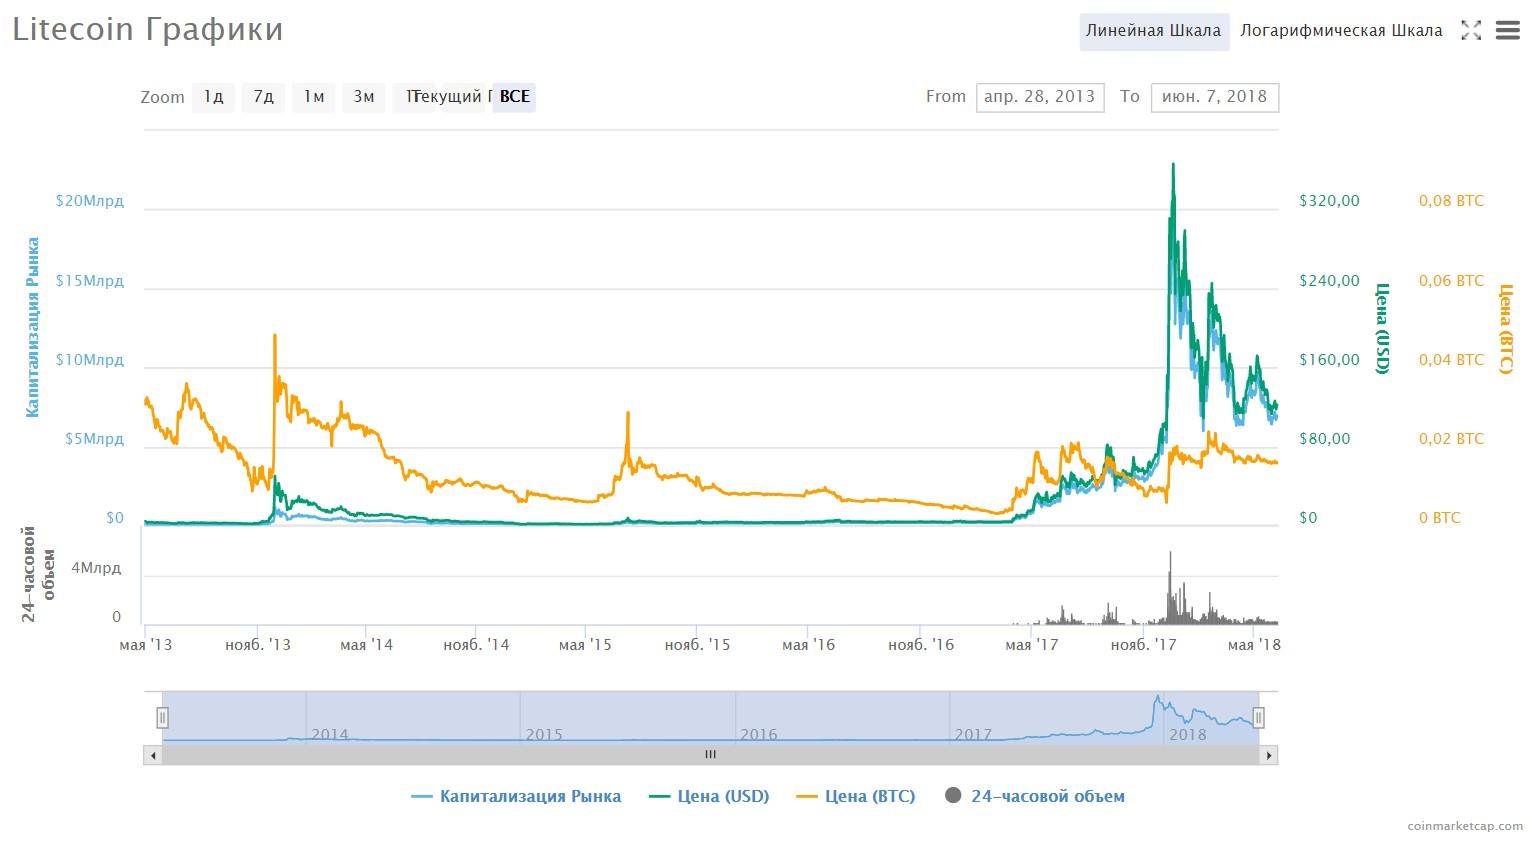 График изменения курса Litecoin